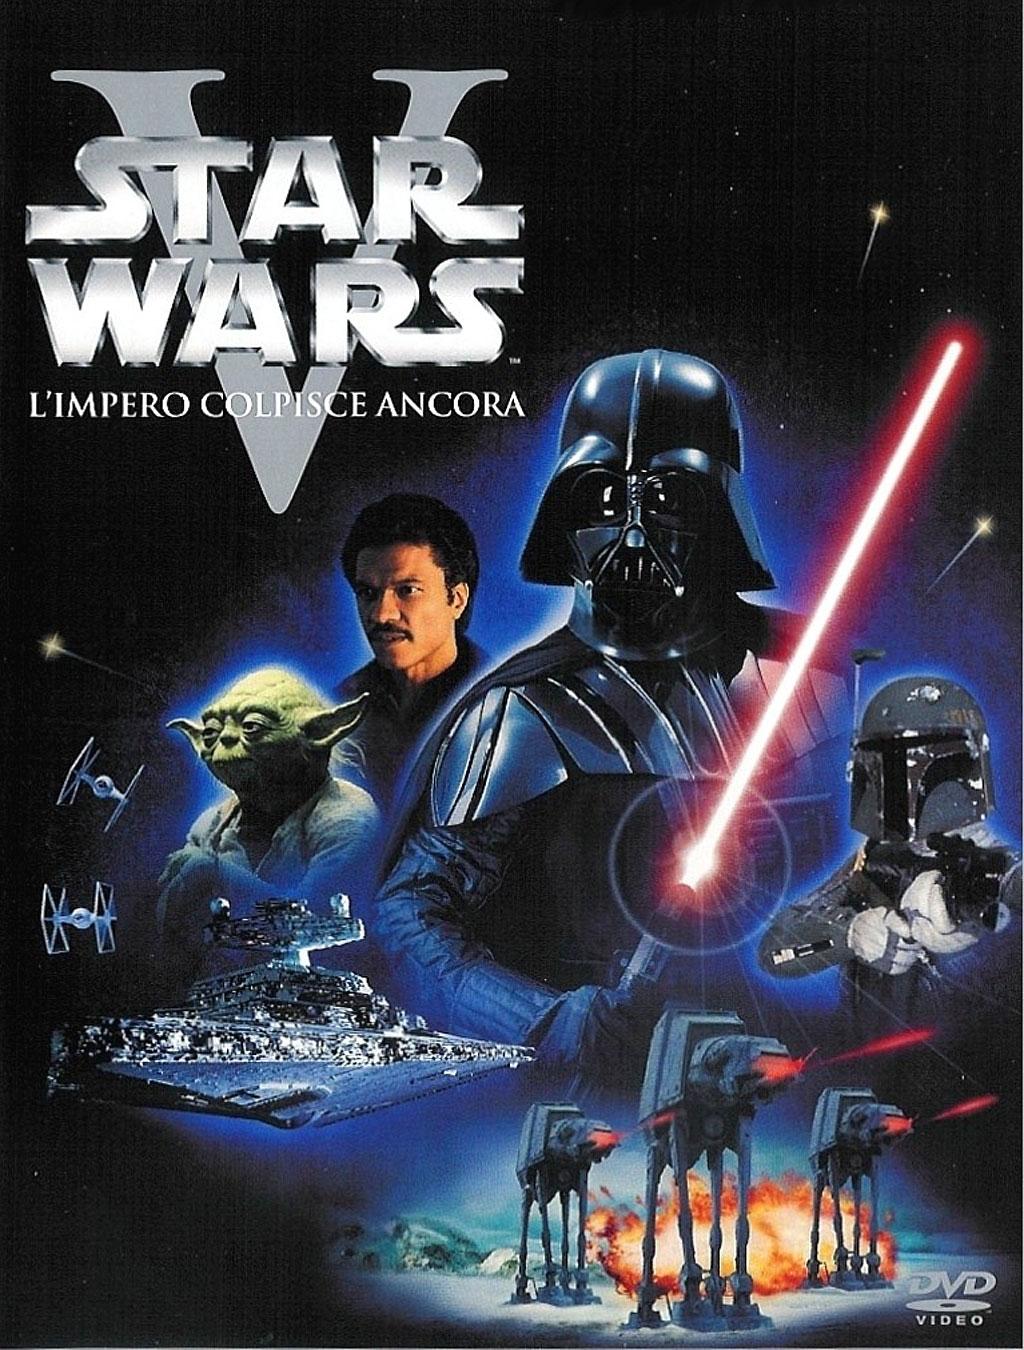 Ancora 1980 – v episodio della saga di guerre stellari star wars